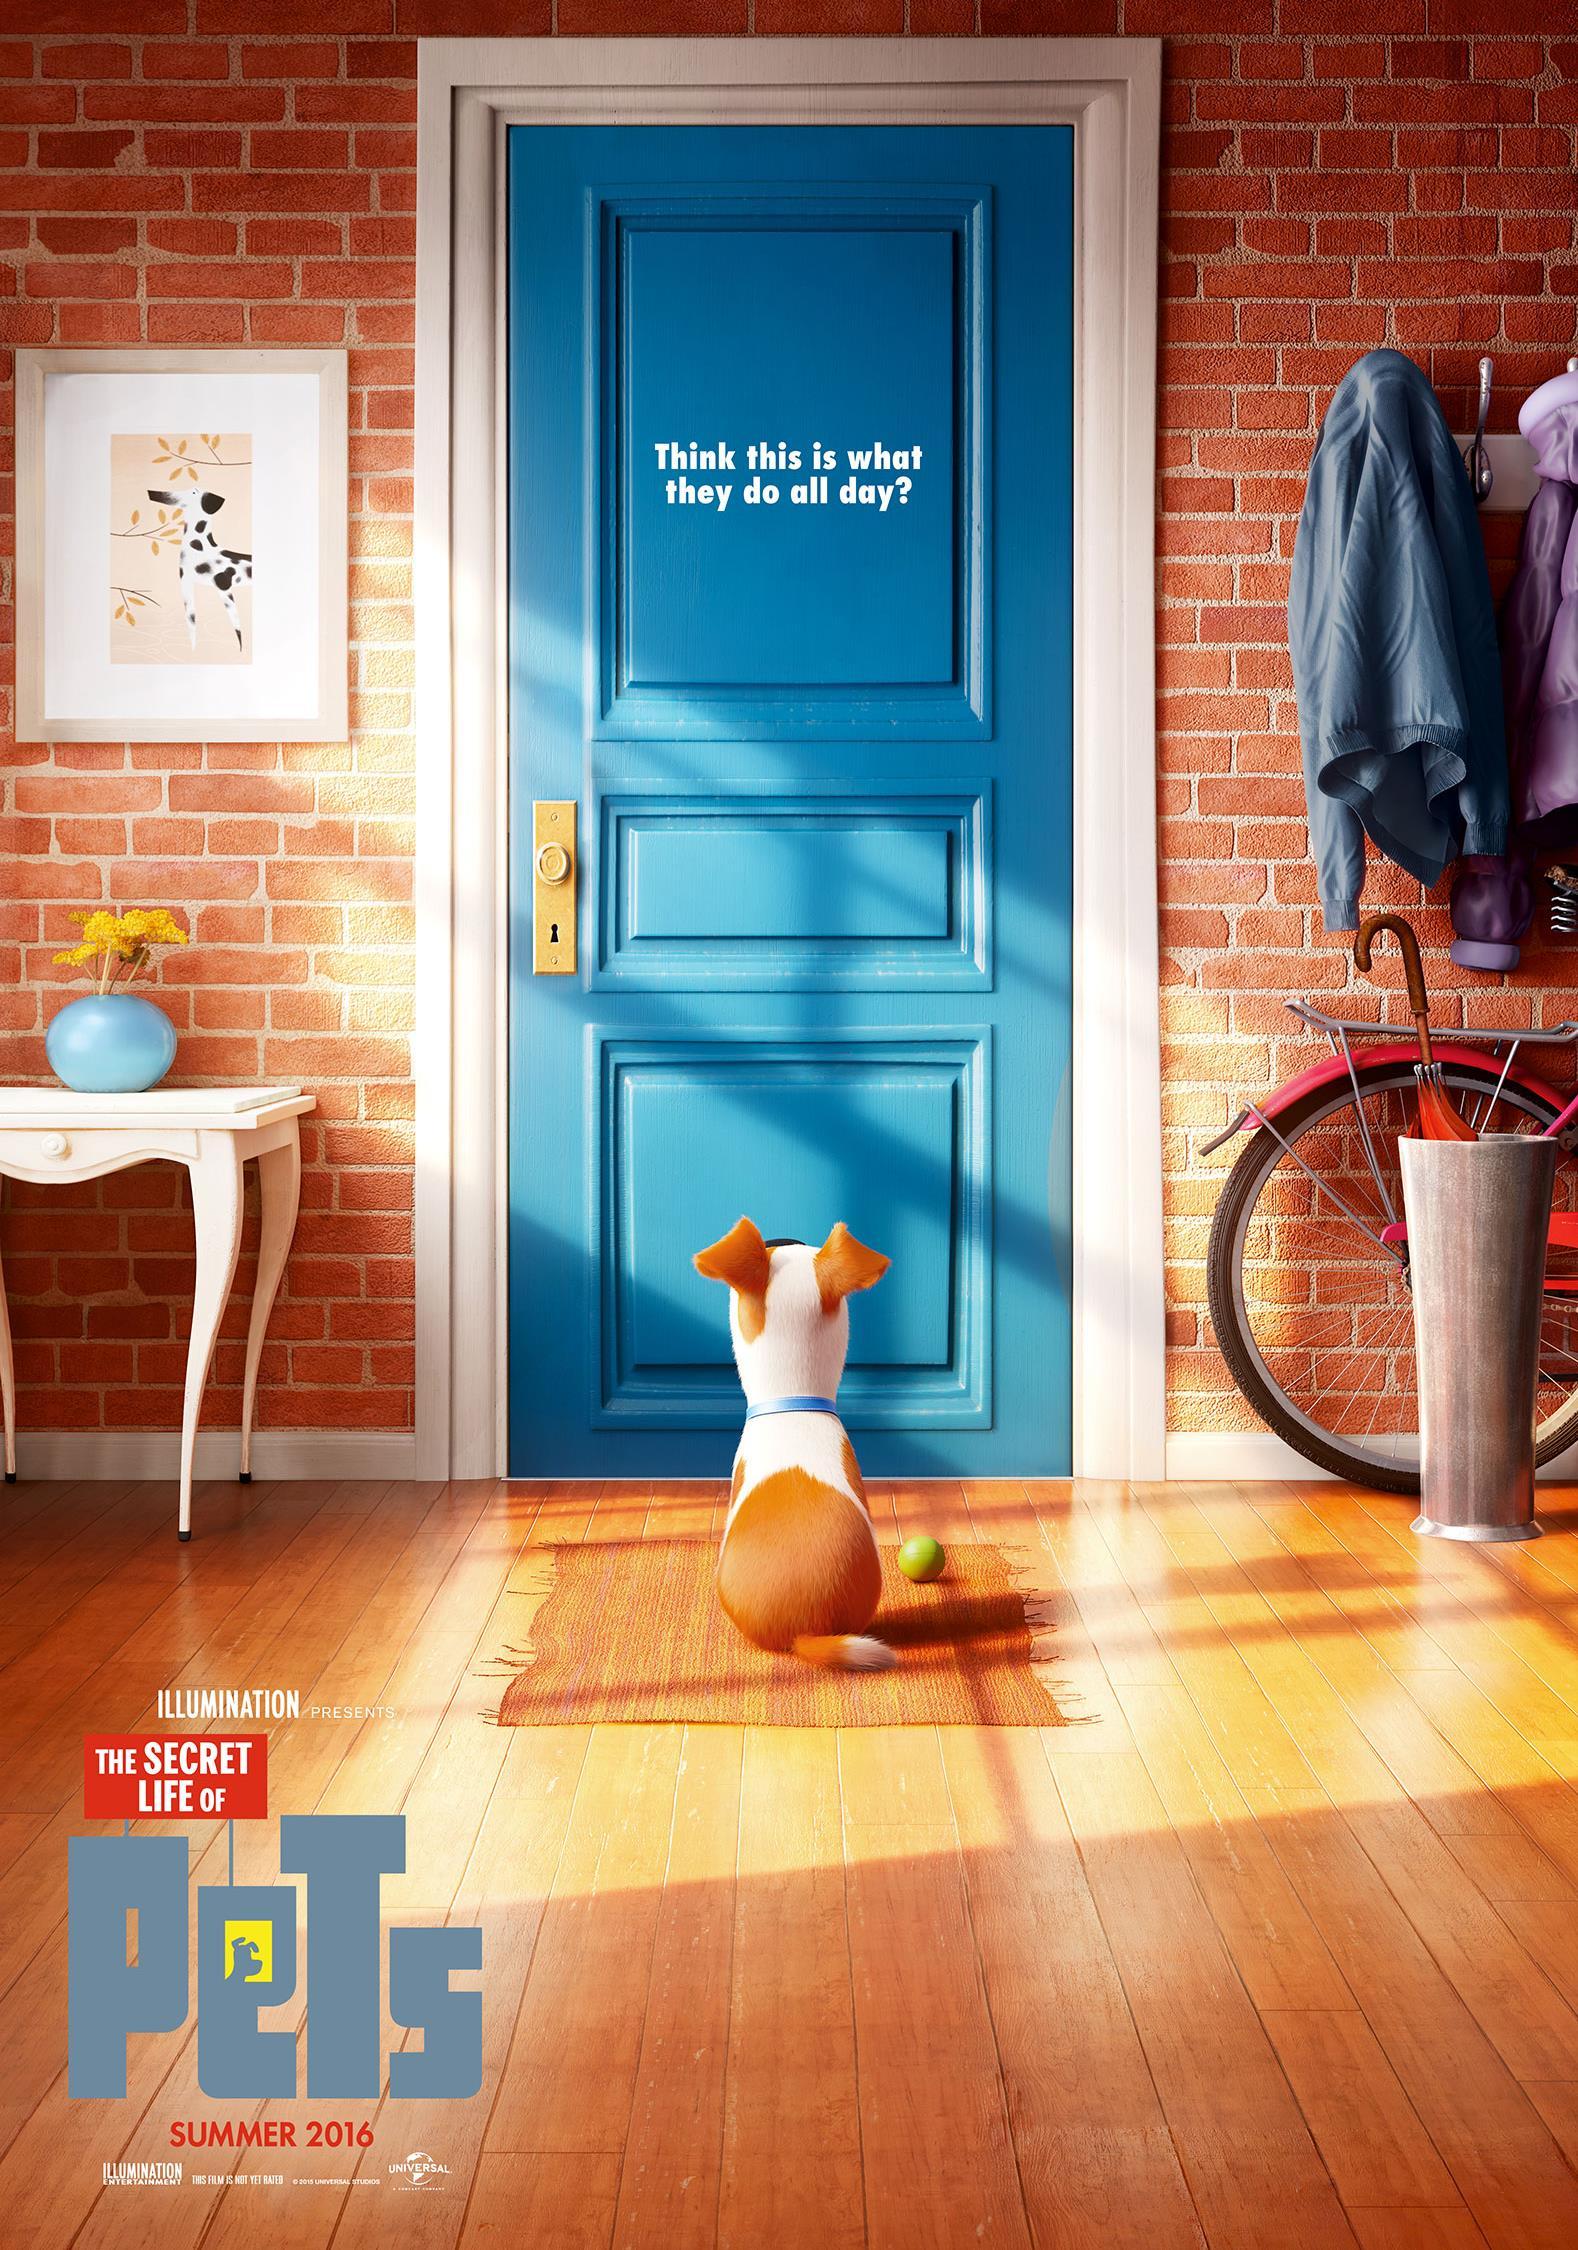 The Secret Life of Pets 3D OV